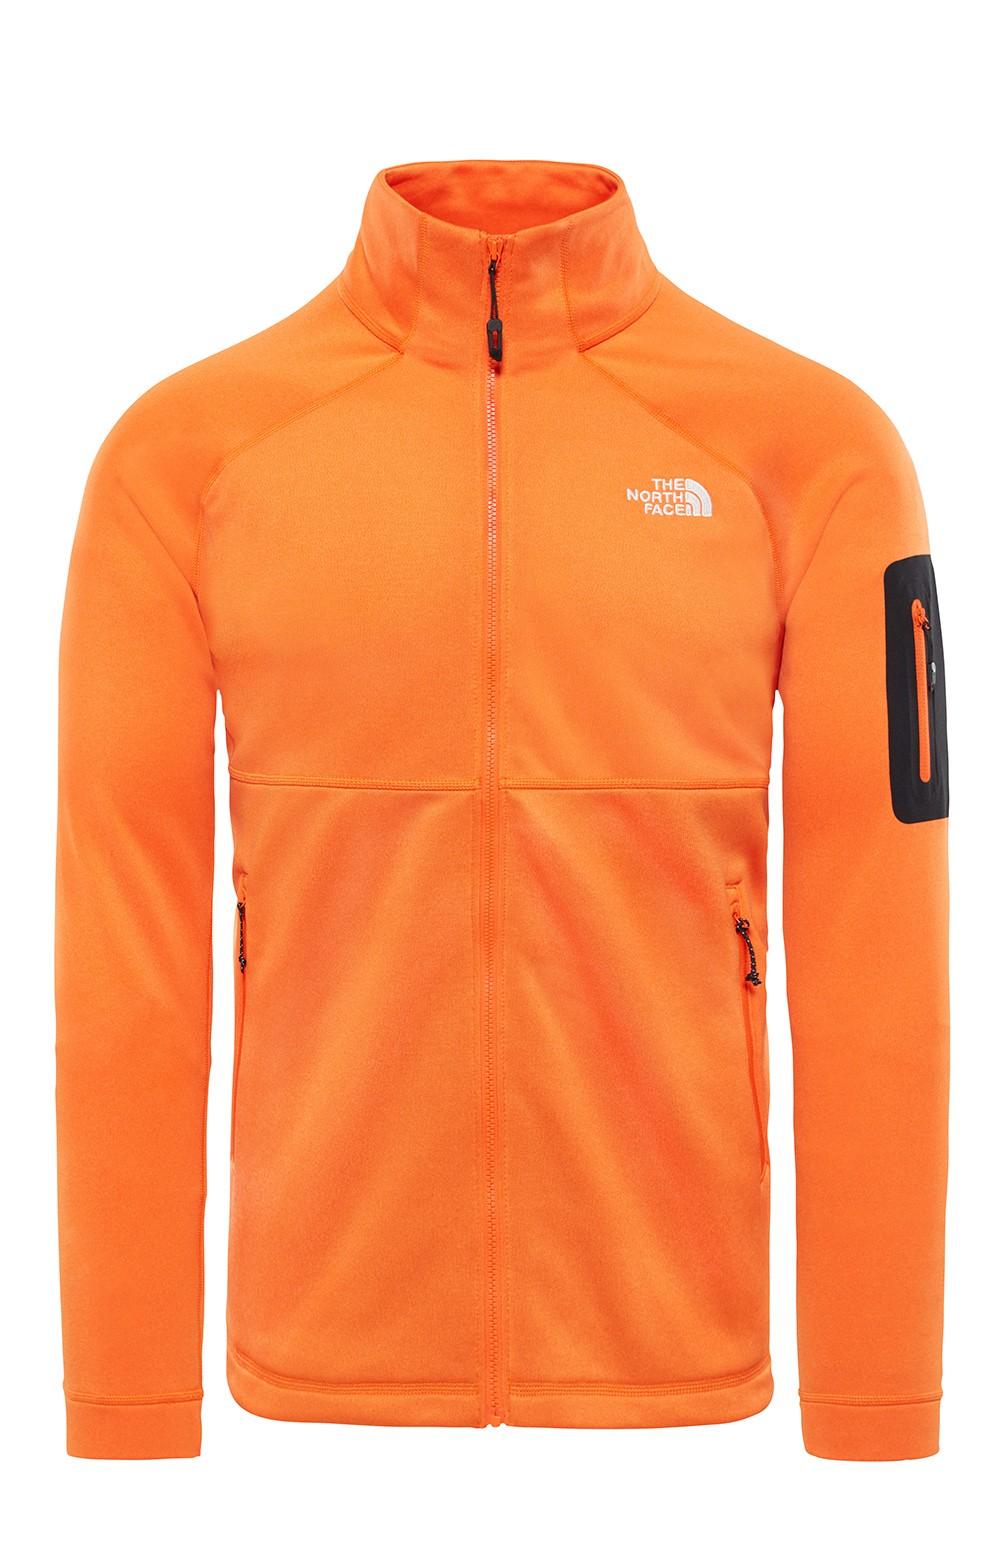 701e4e67b The North Face Mens Impendor Fleece Jacket